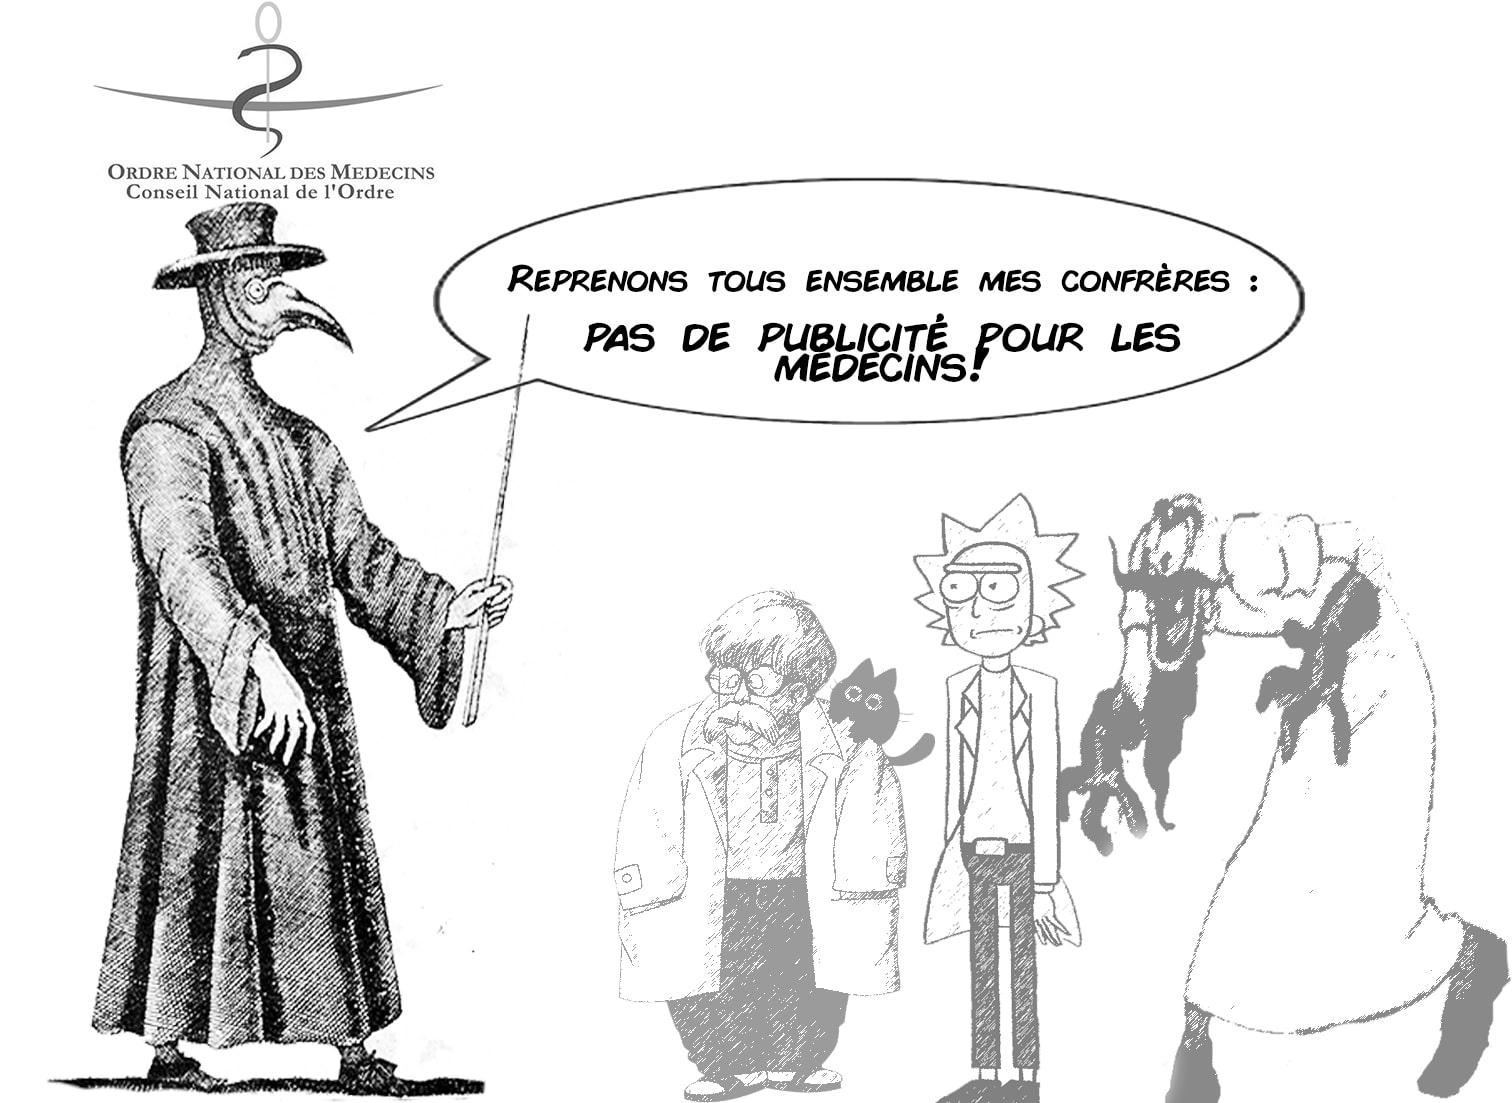 Lutte pour la publicité des médecins - Réglementation française et CJUE - Droit des nouvelles technologies et communication